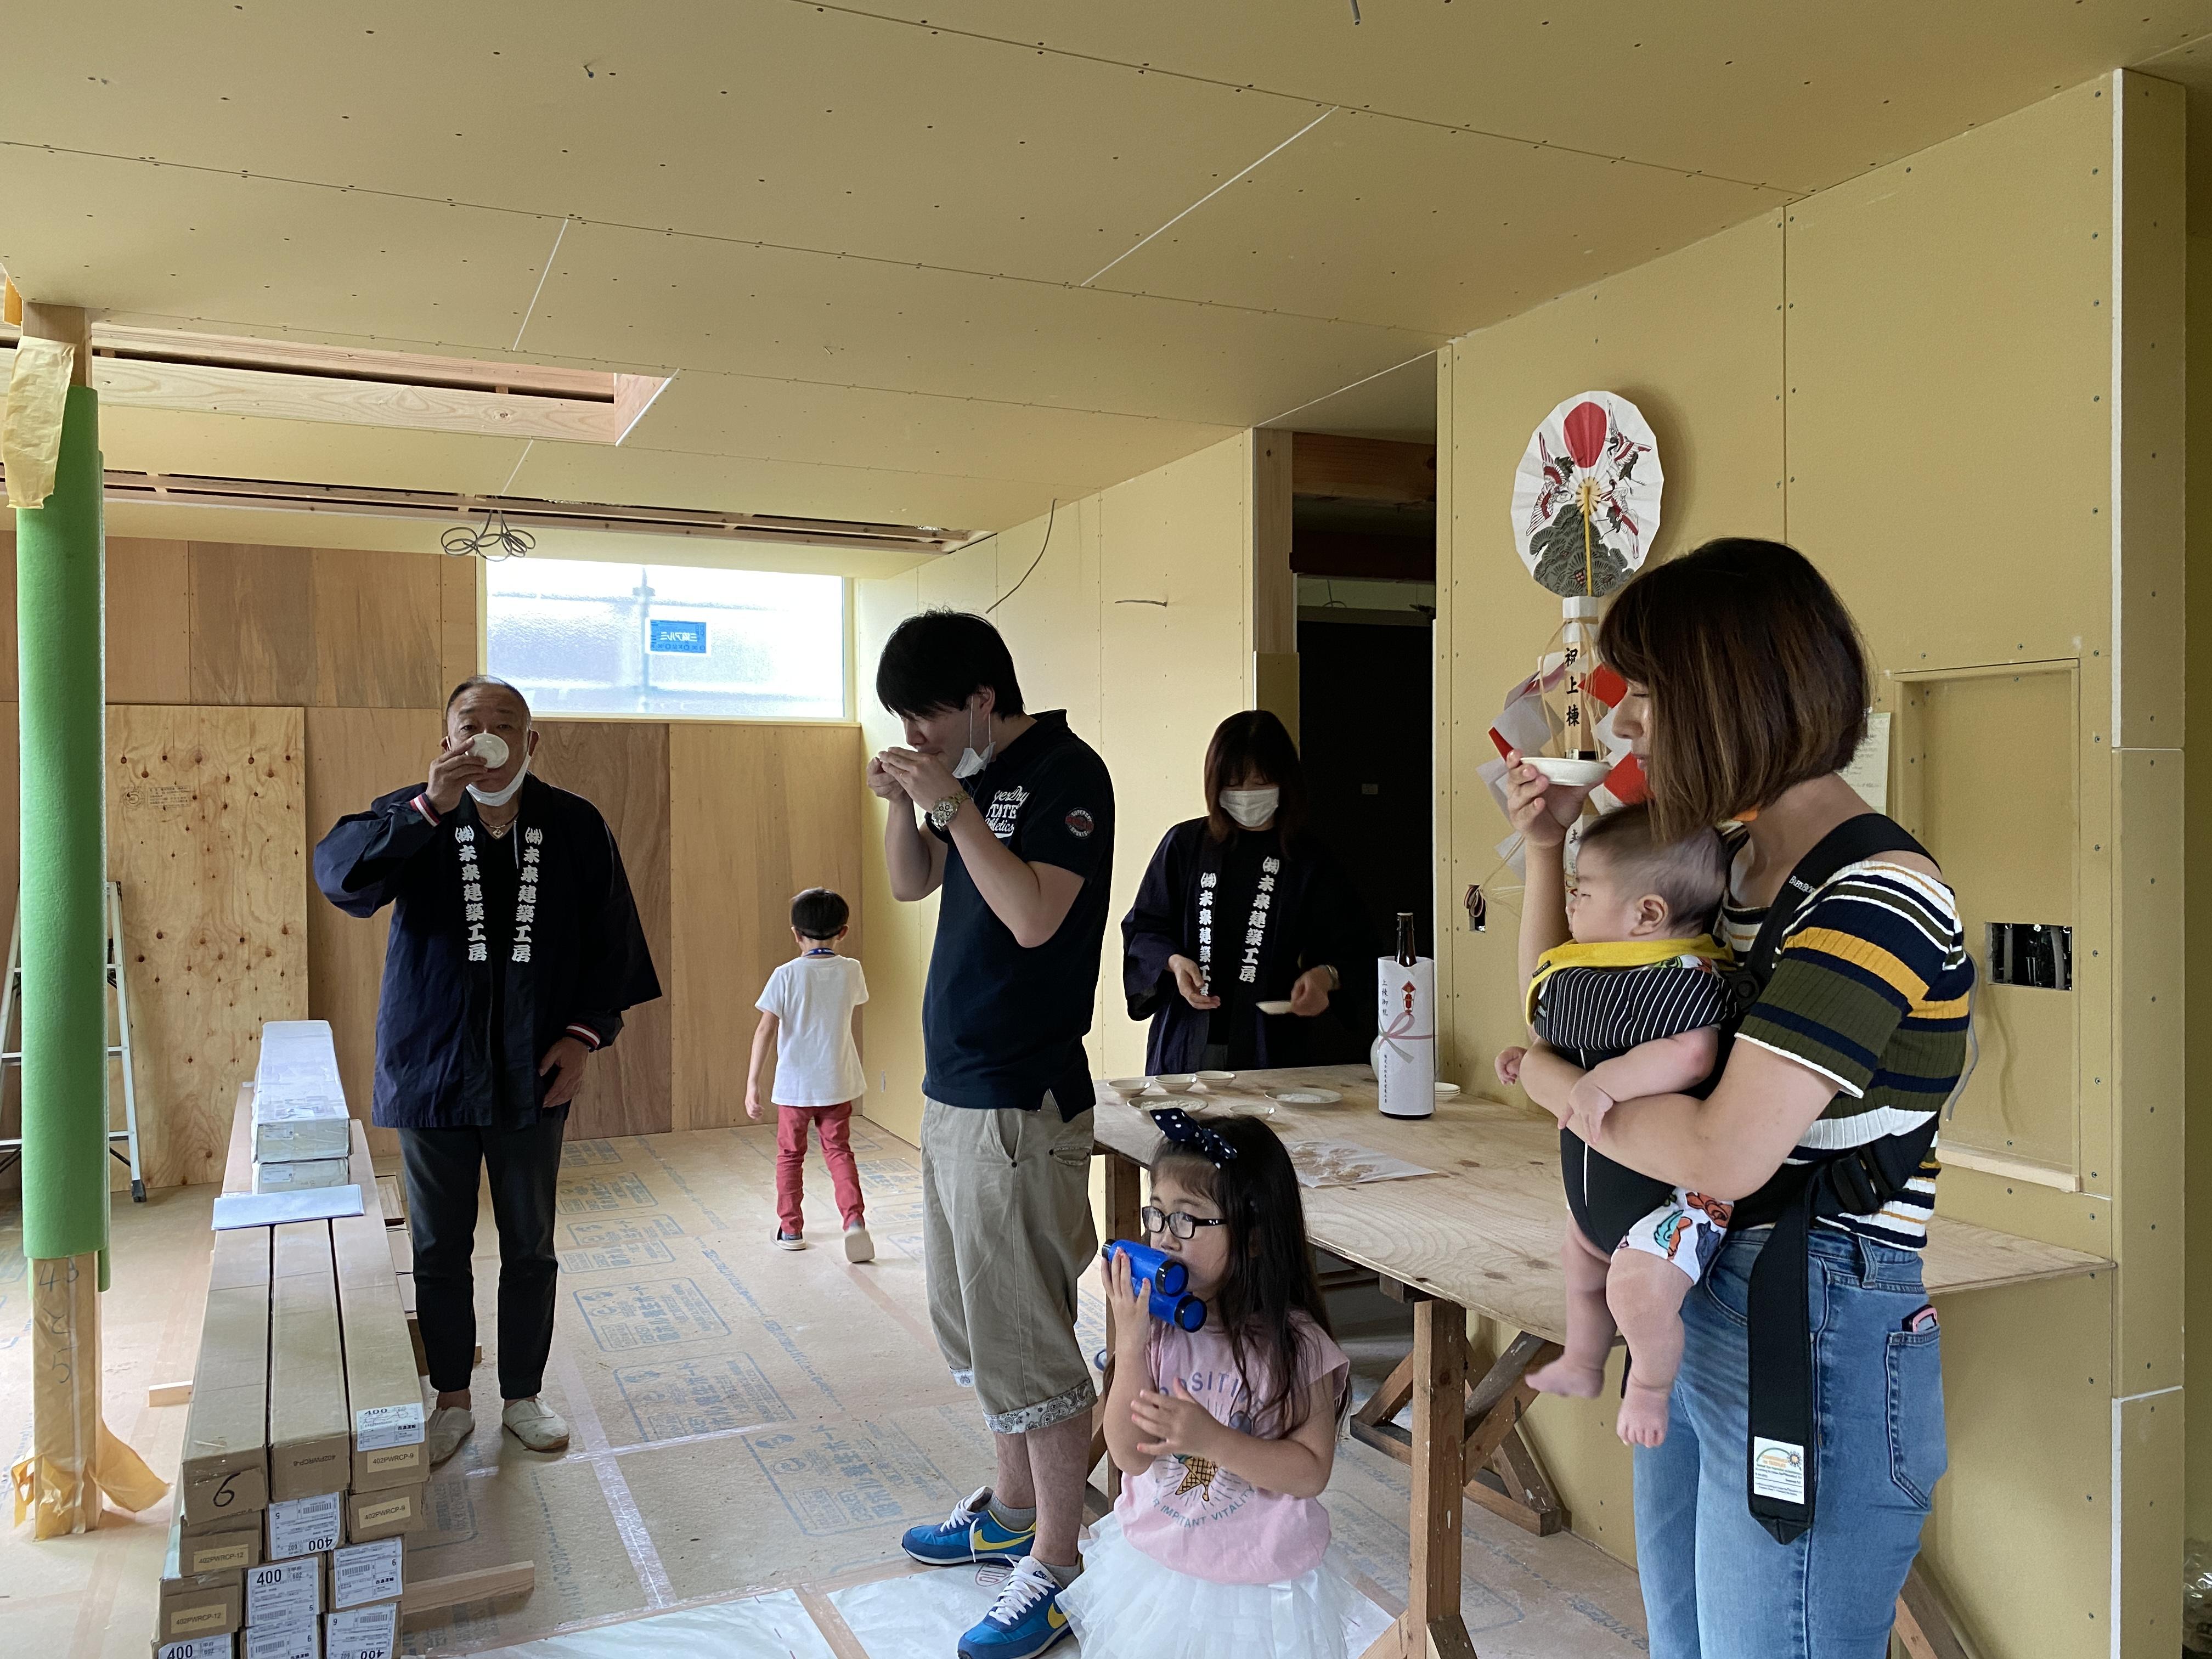 山梨県の工務店、未来建築工房とつくる注文住宅。 富士吉田市 男前なホテルライクスタイルの家、上棟式。